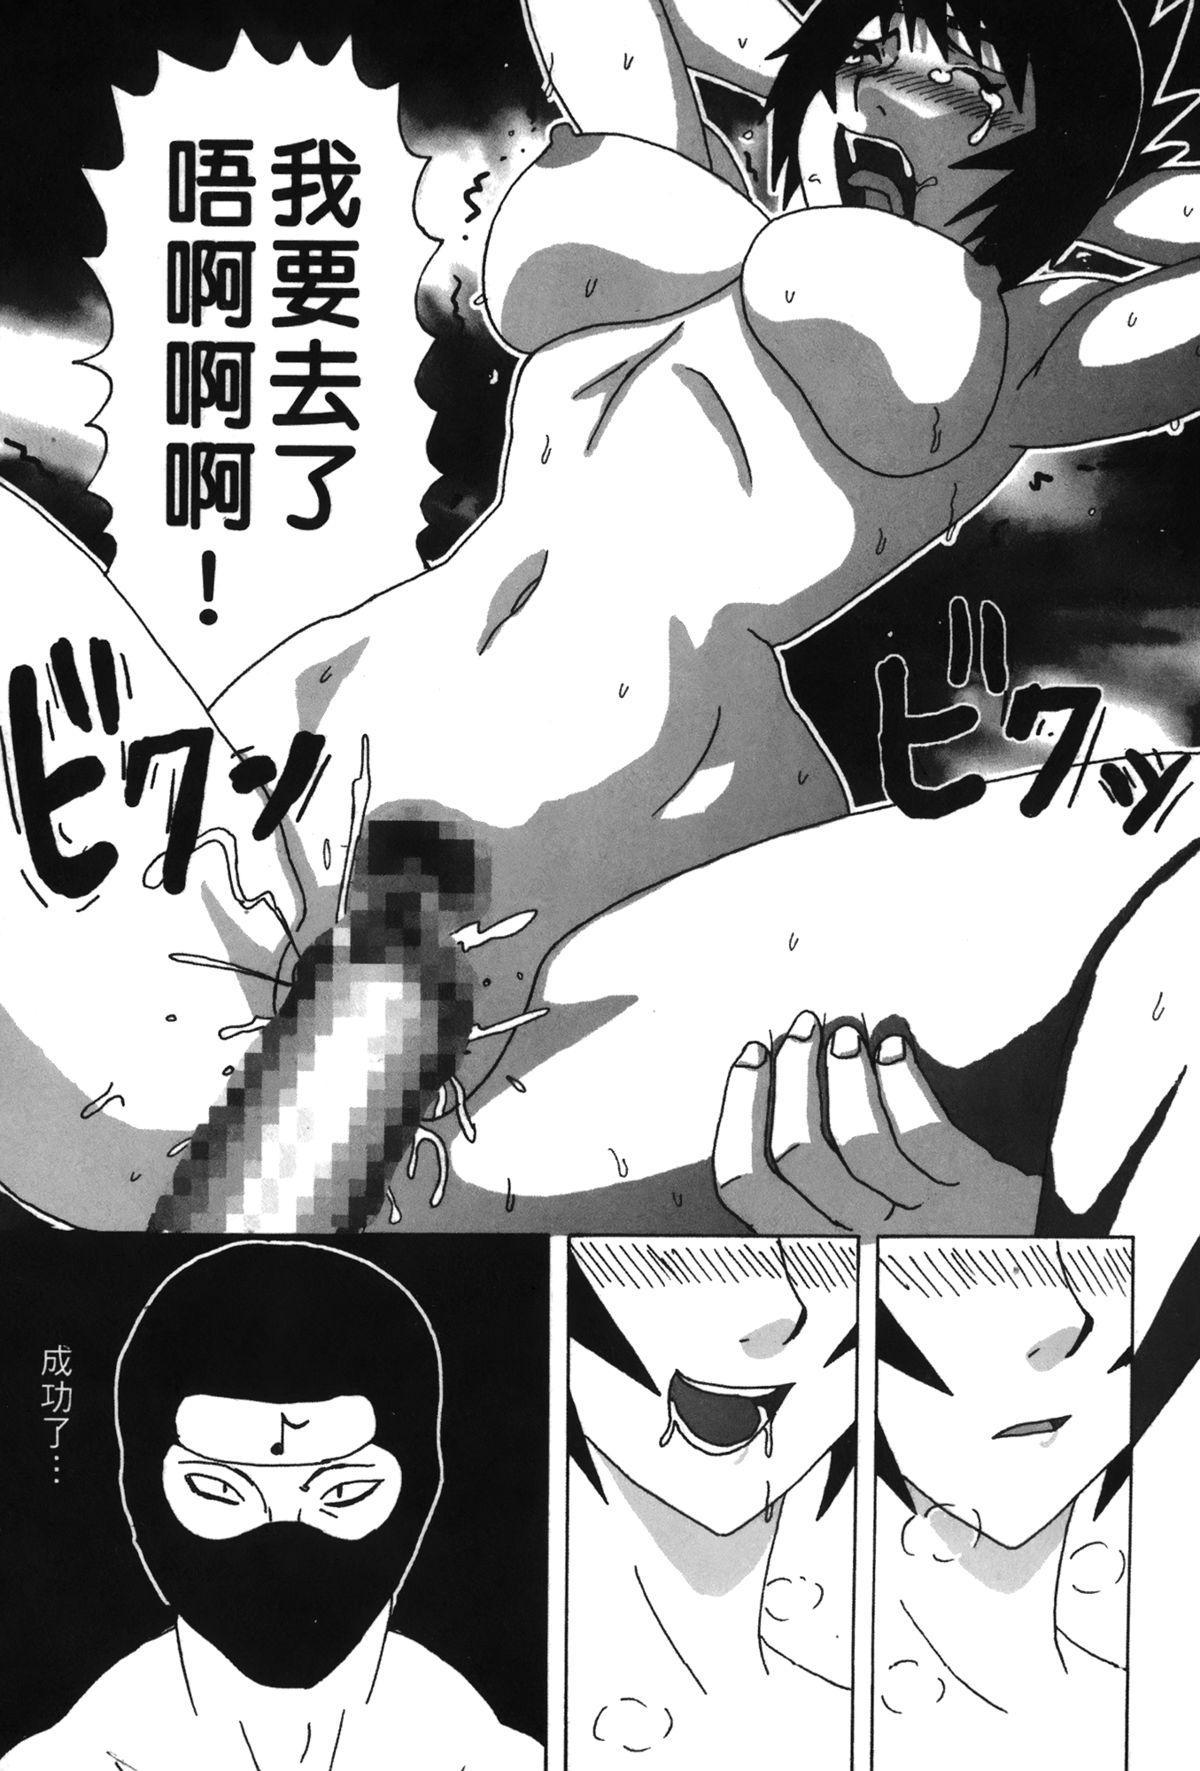 naruto ninja biography vol.09 146